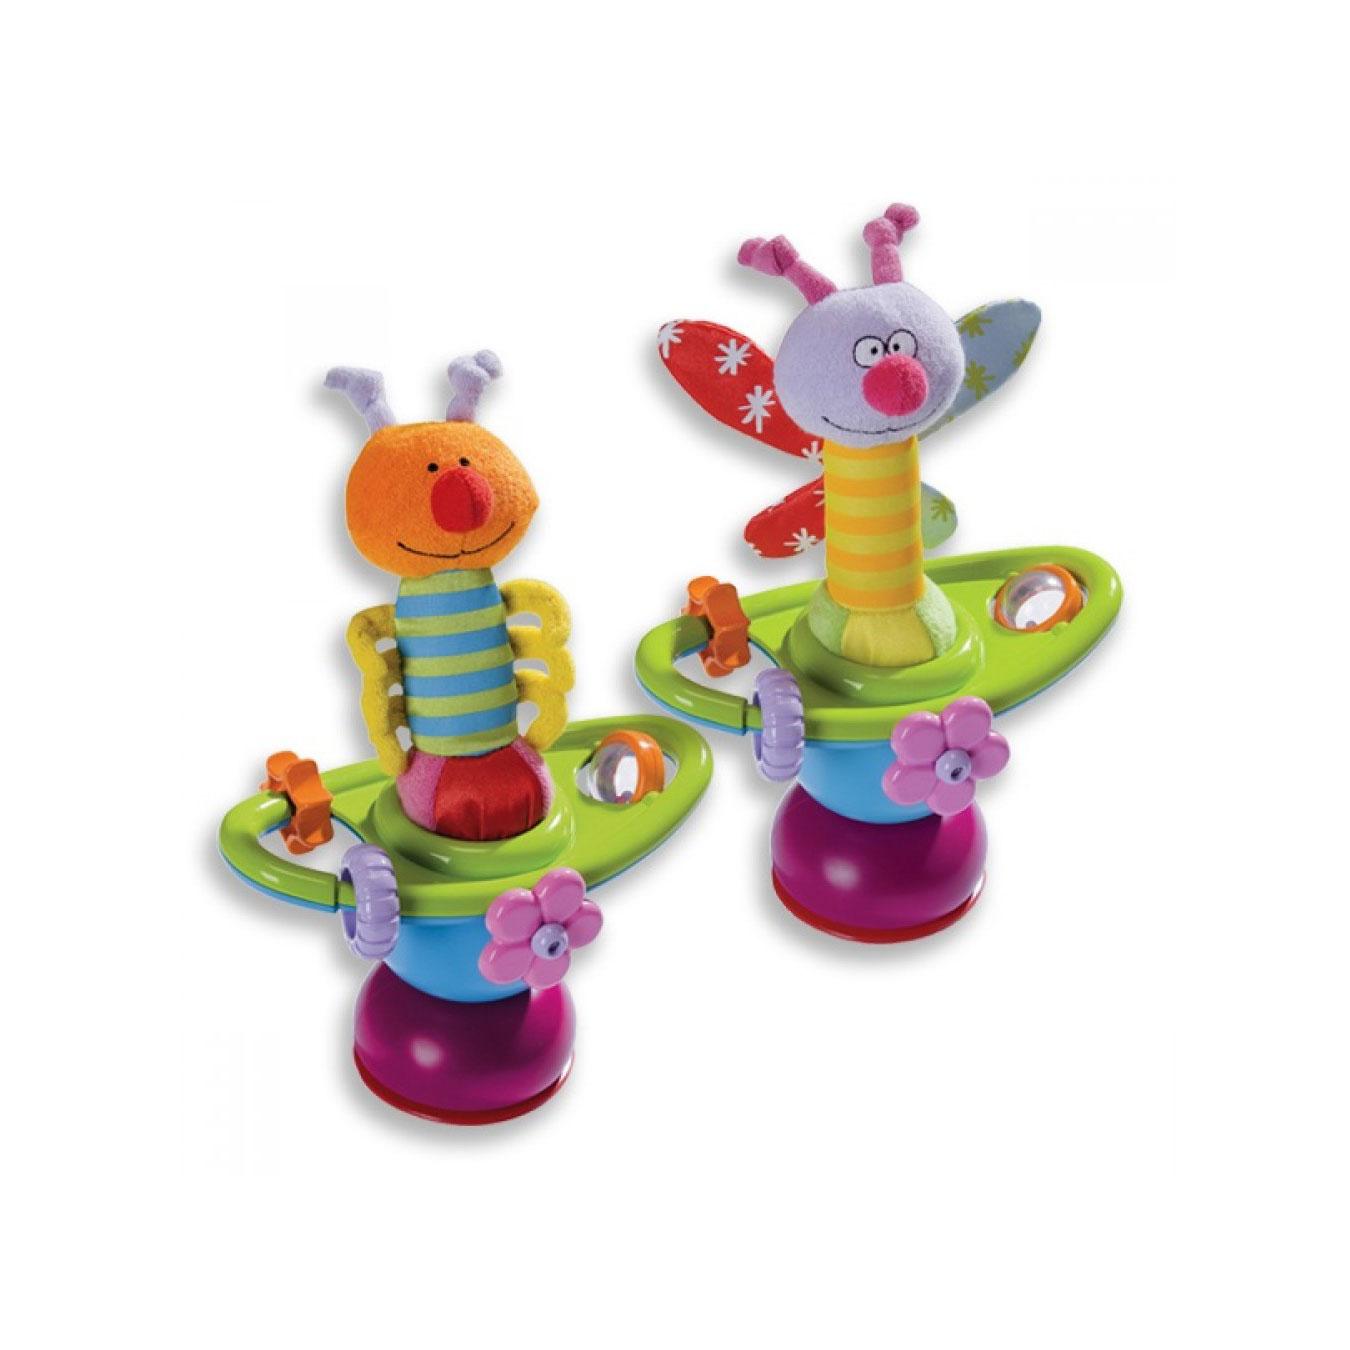 Развивающая игрушка Taf Toys Карусель на присоске<br>